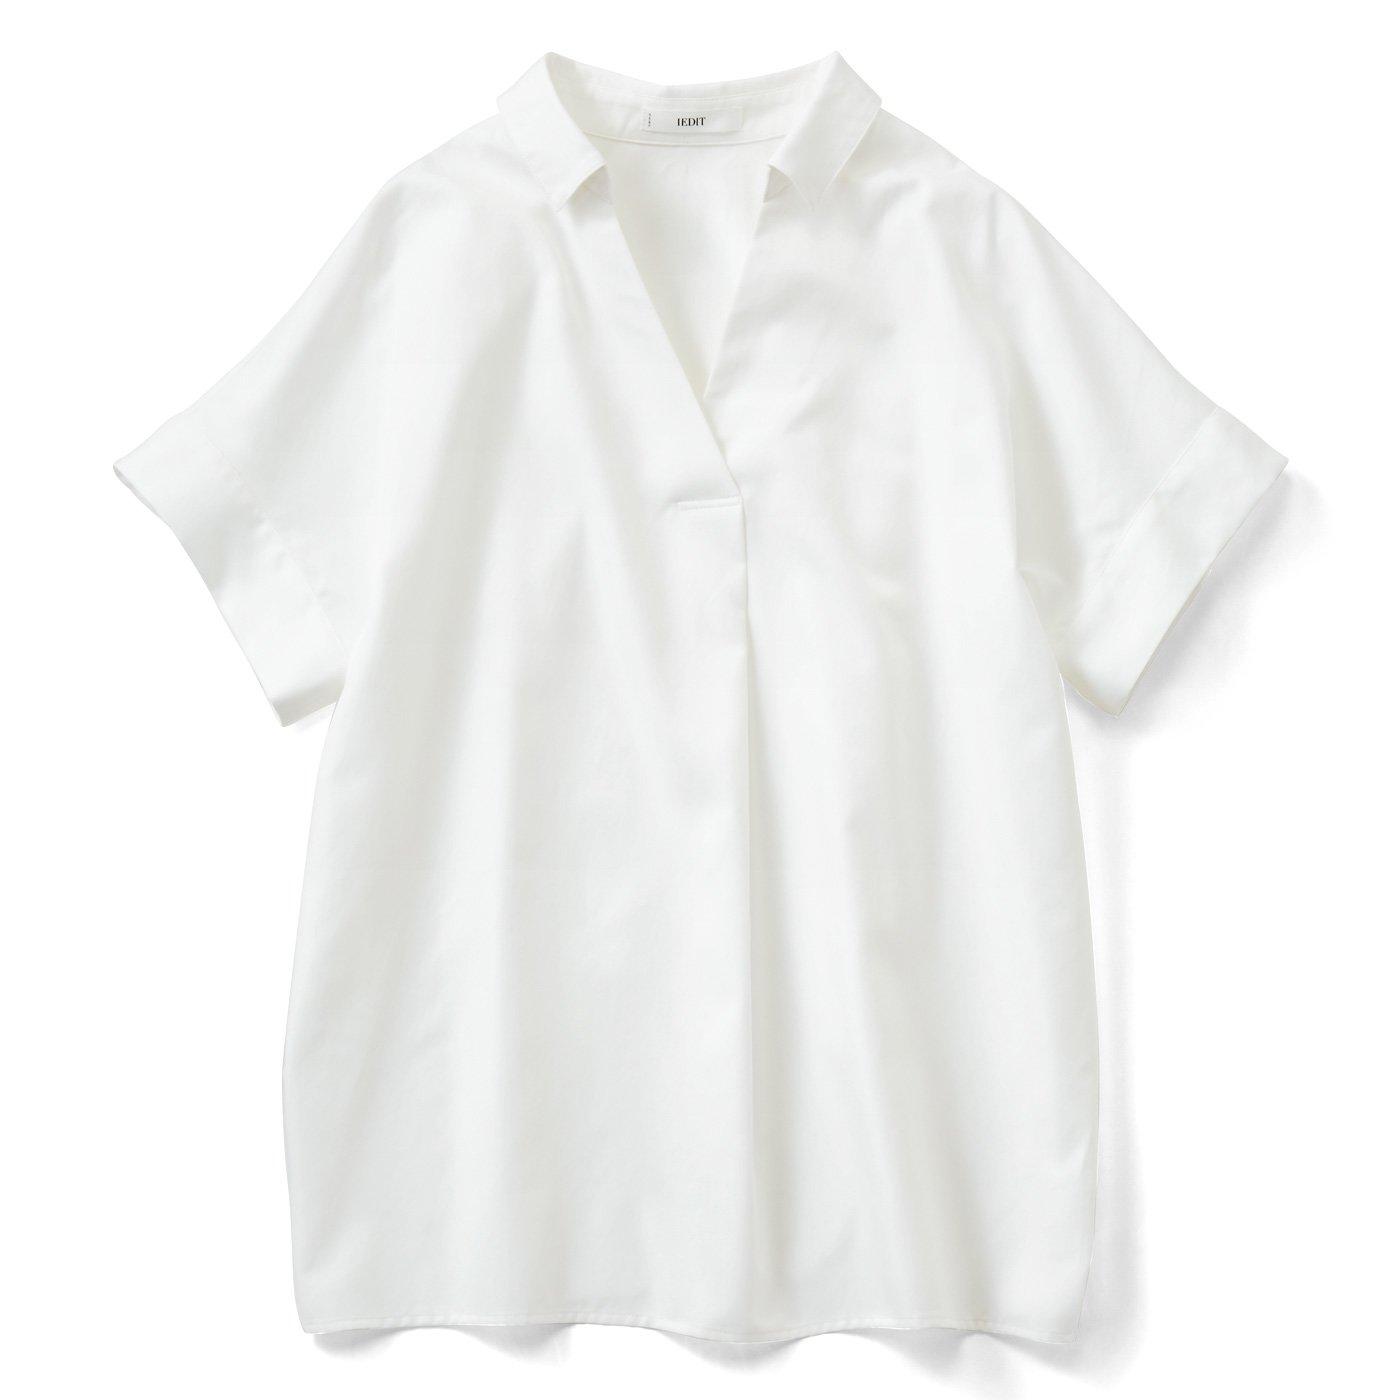 IEDIT[イディット] UVカット&防汚加工!クレバー素材のプルオーバーチュニックシャツの会